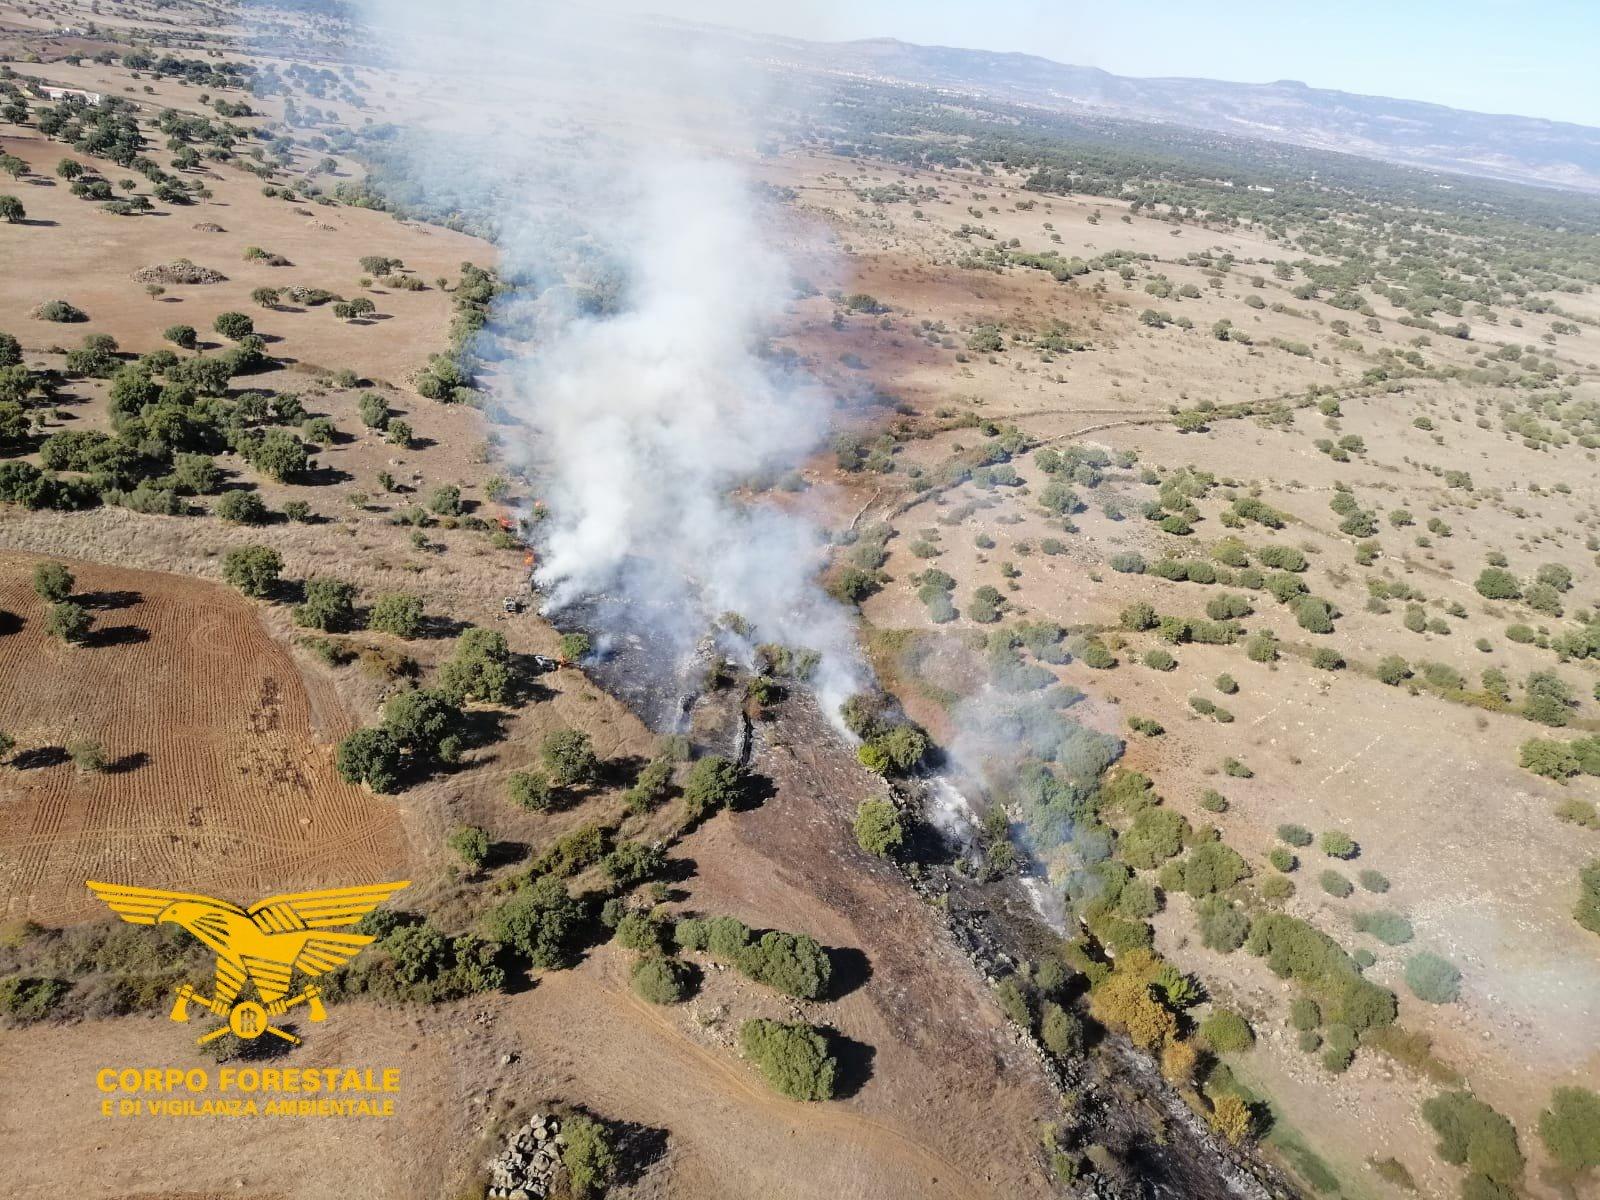 Un elicottero del Corpo forestale di stanza a Fenosu, sta intervenendo per spegnere un incendio nelle campagne di Norbello.